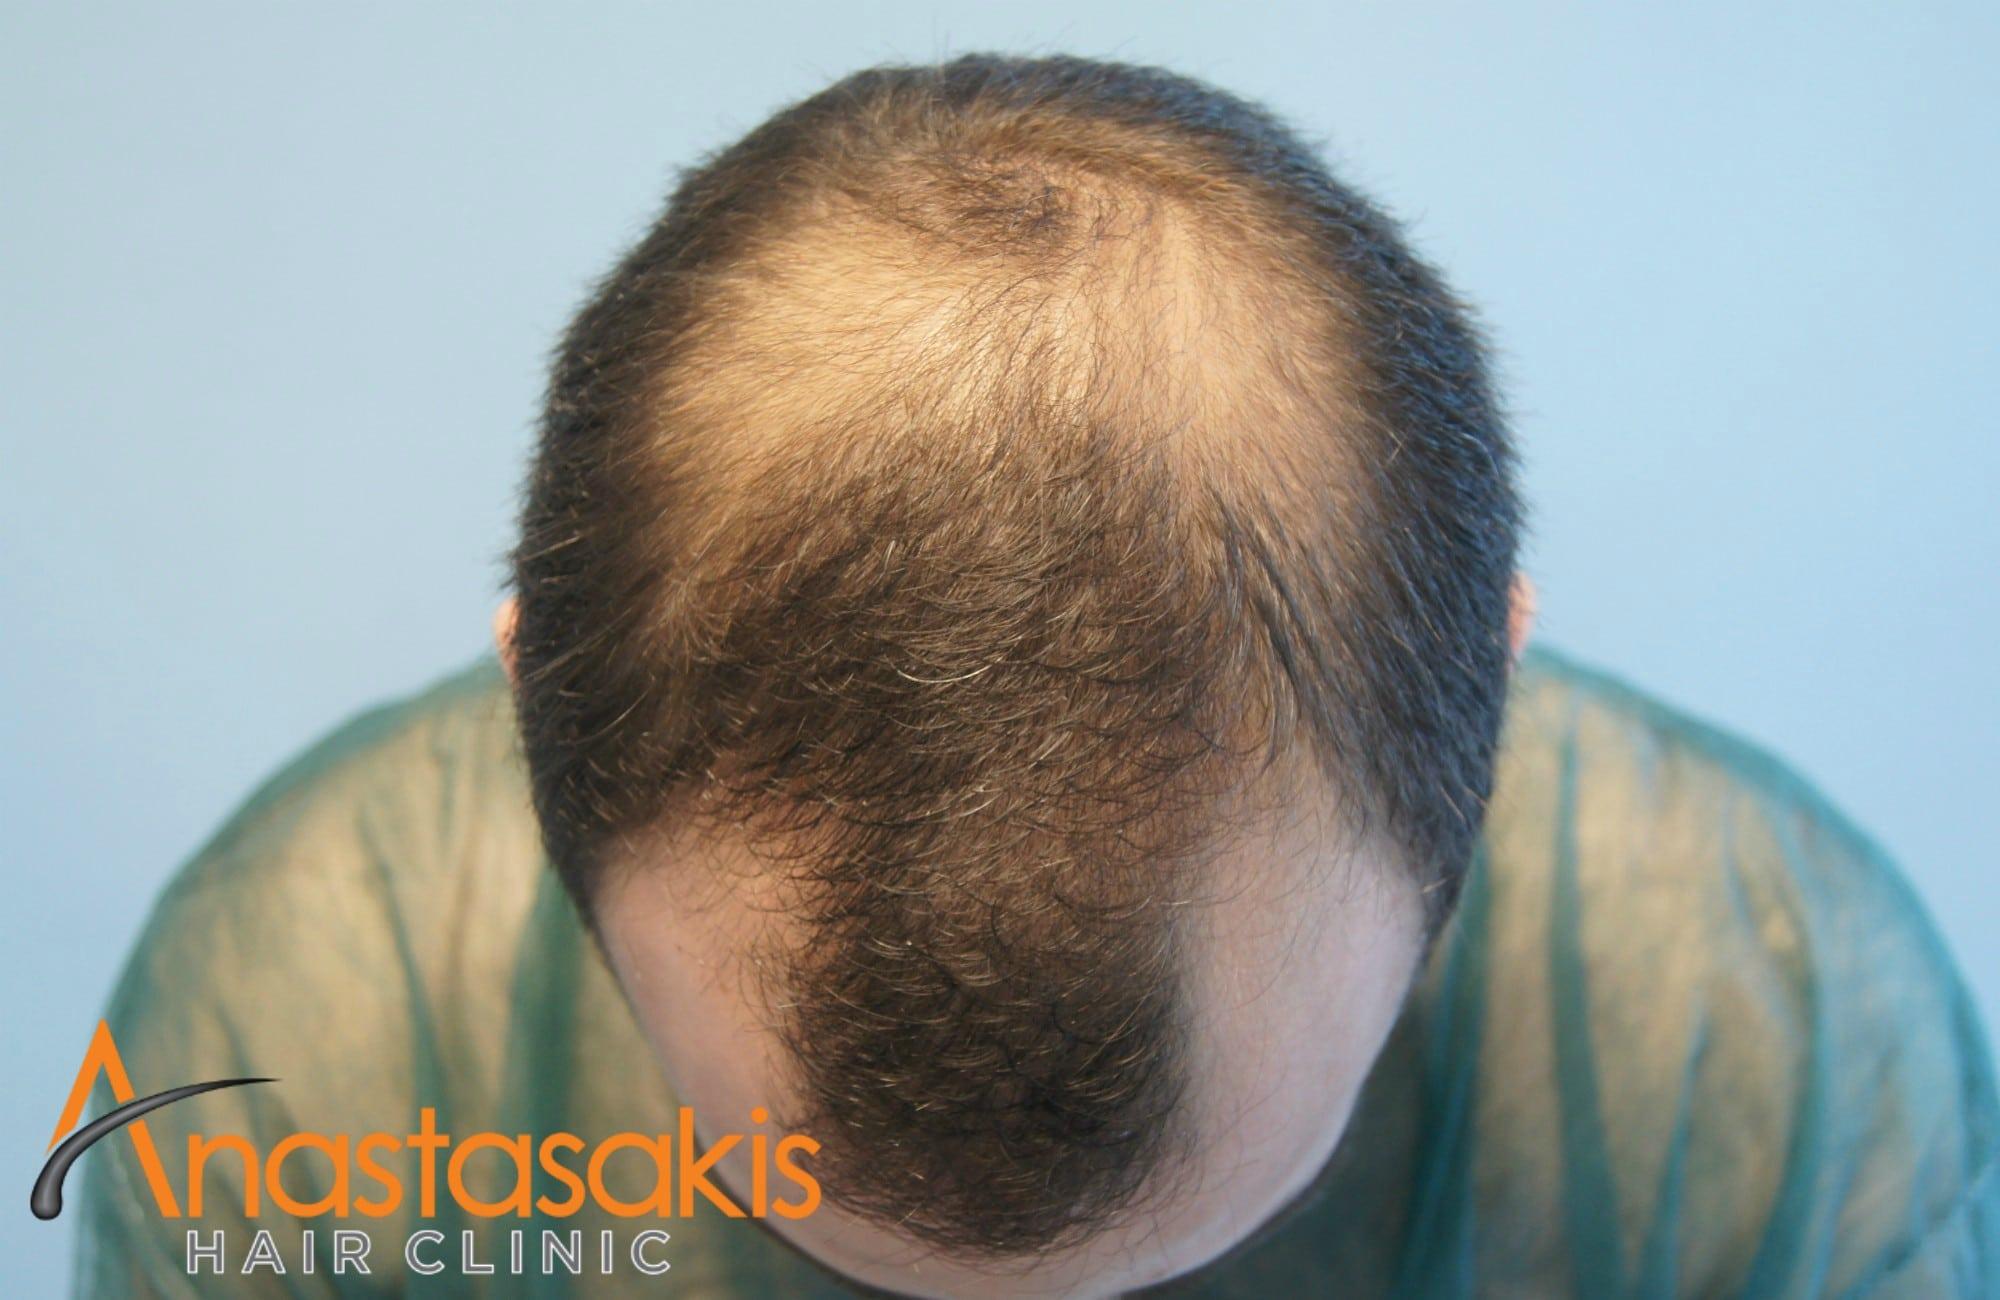 πρόσθια περιοχή ασθενούς πριν τη μεταμοσχευση μαλλιων με 1500 fus